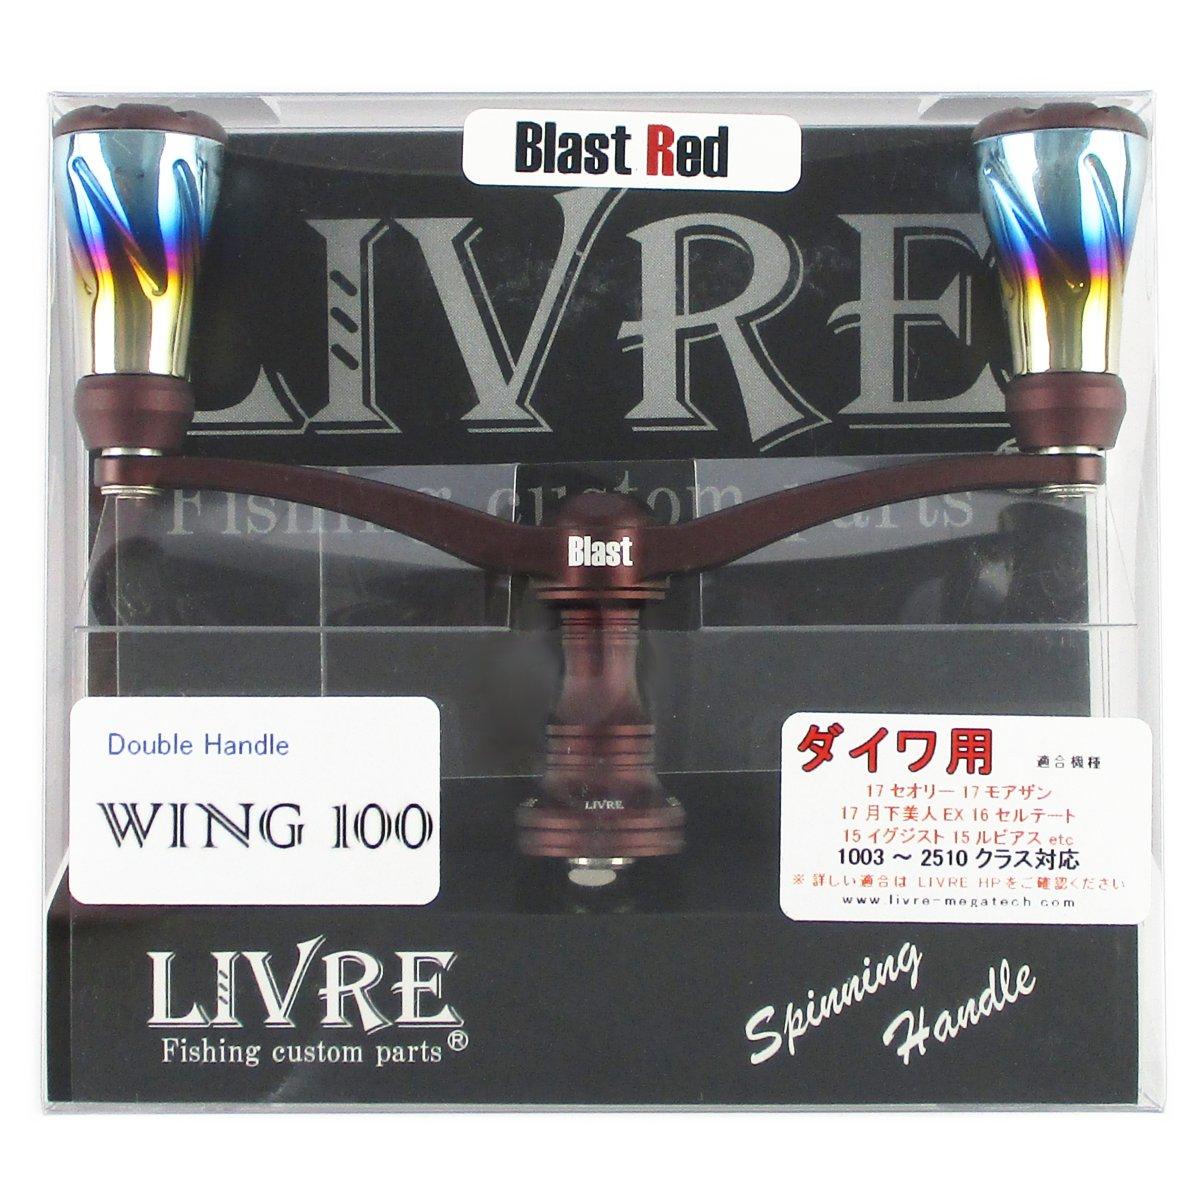 リブレ WING100+Forte ダイワ用 9551 Blast Red【ゆうパケット】【送料無料】